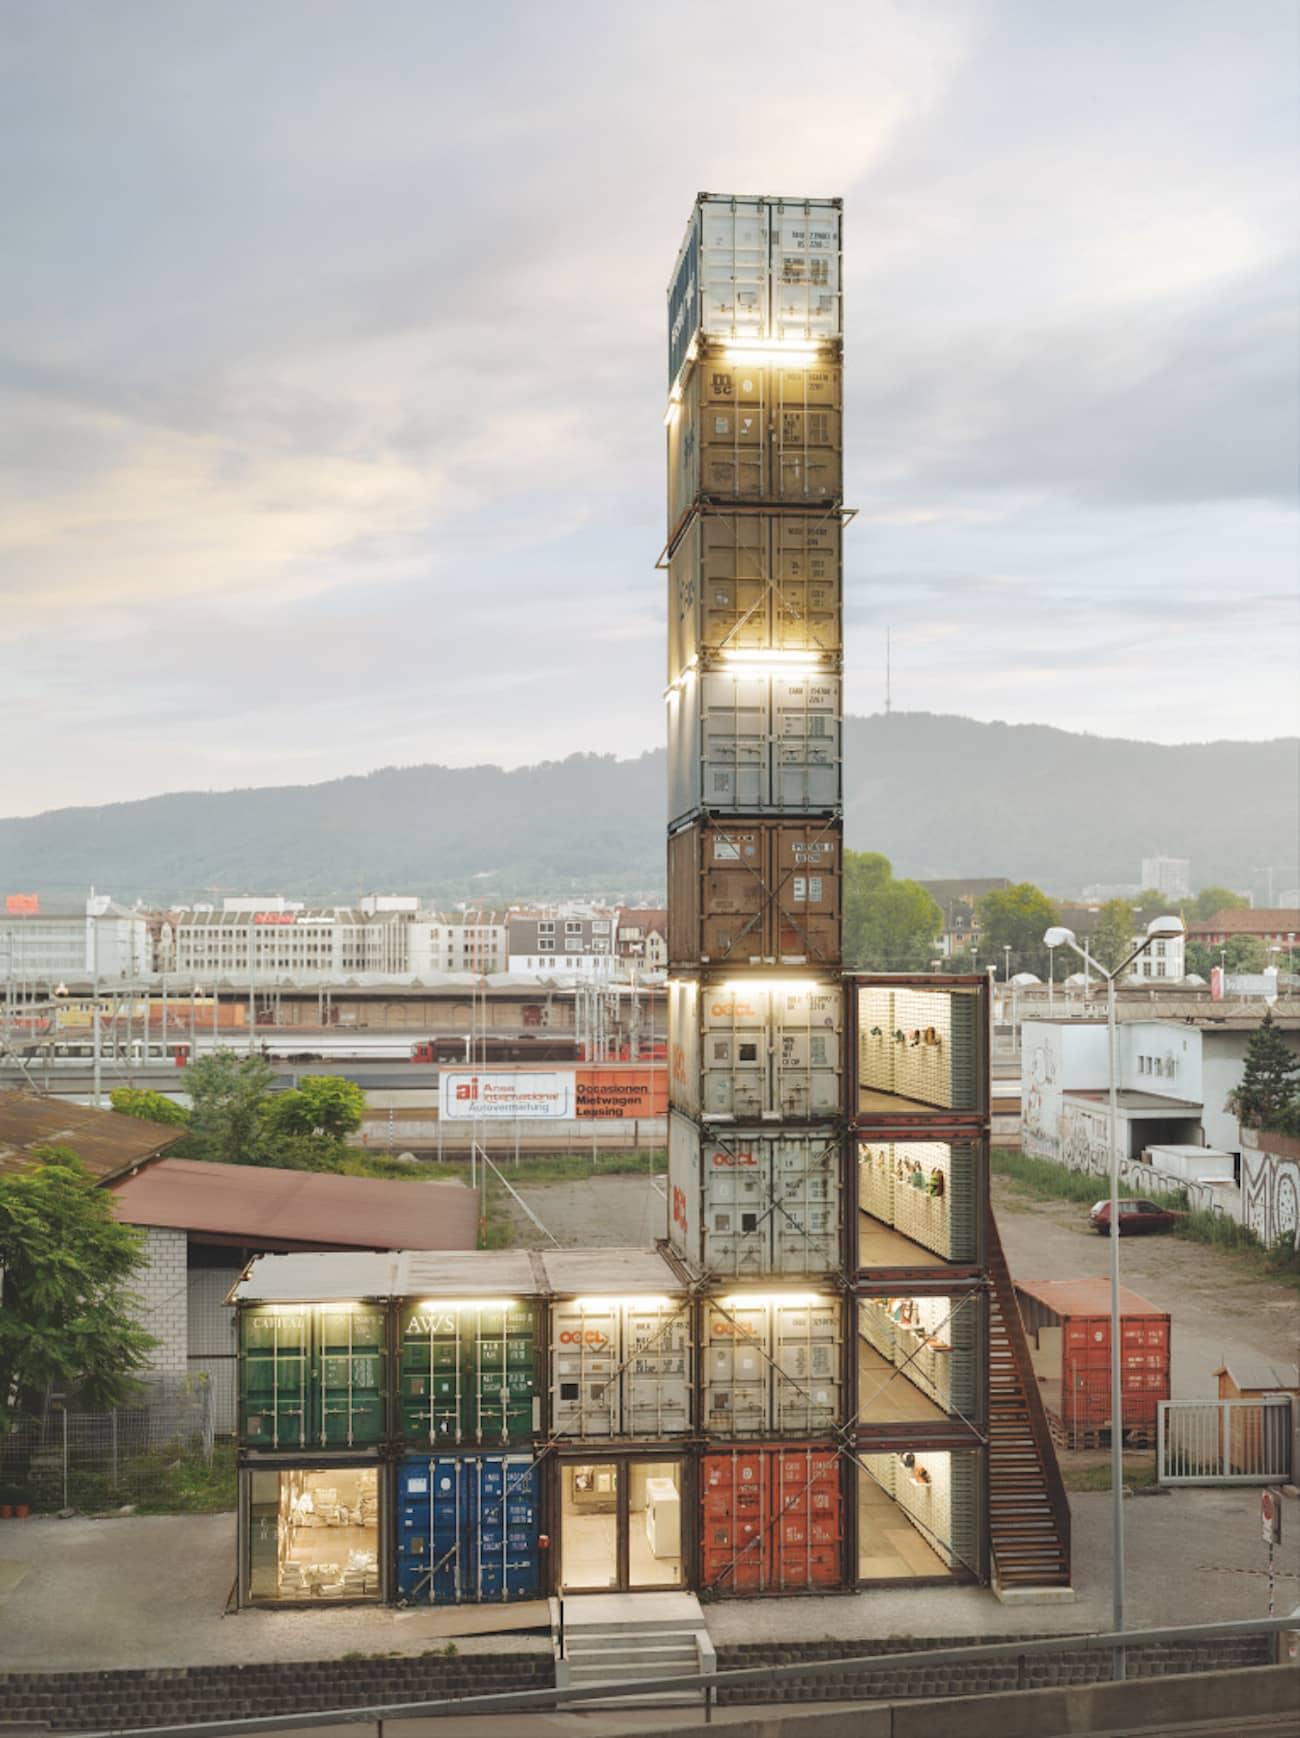 Zurigo - I negozi più strani del mondo